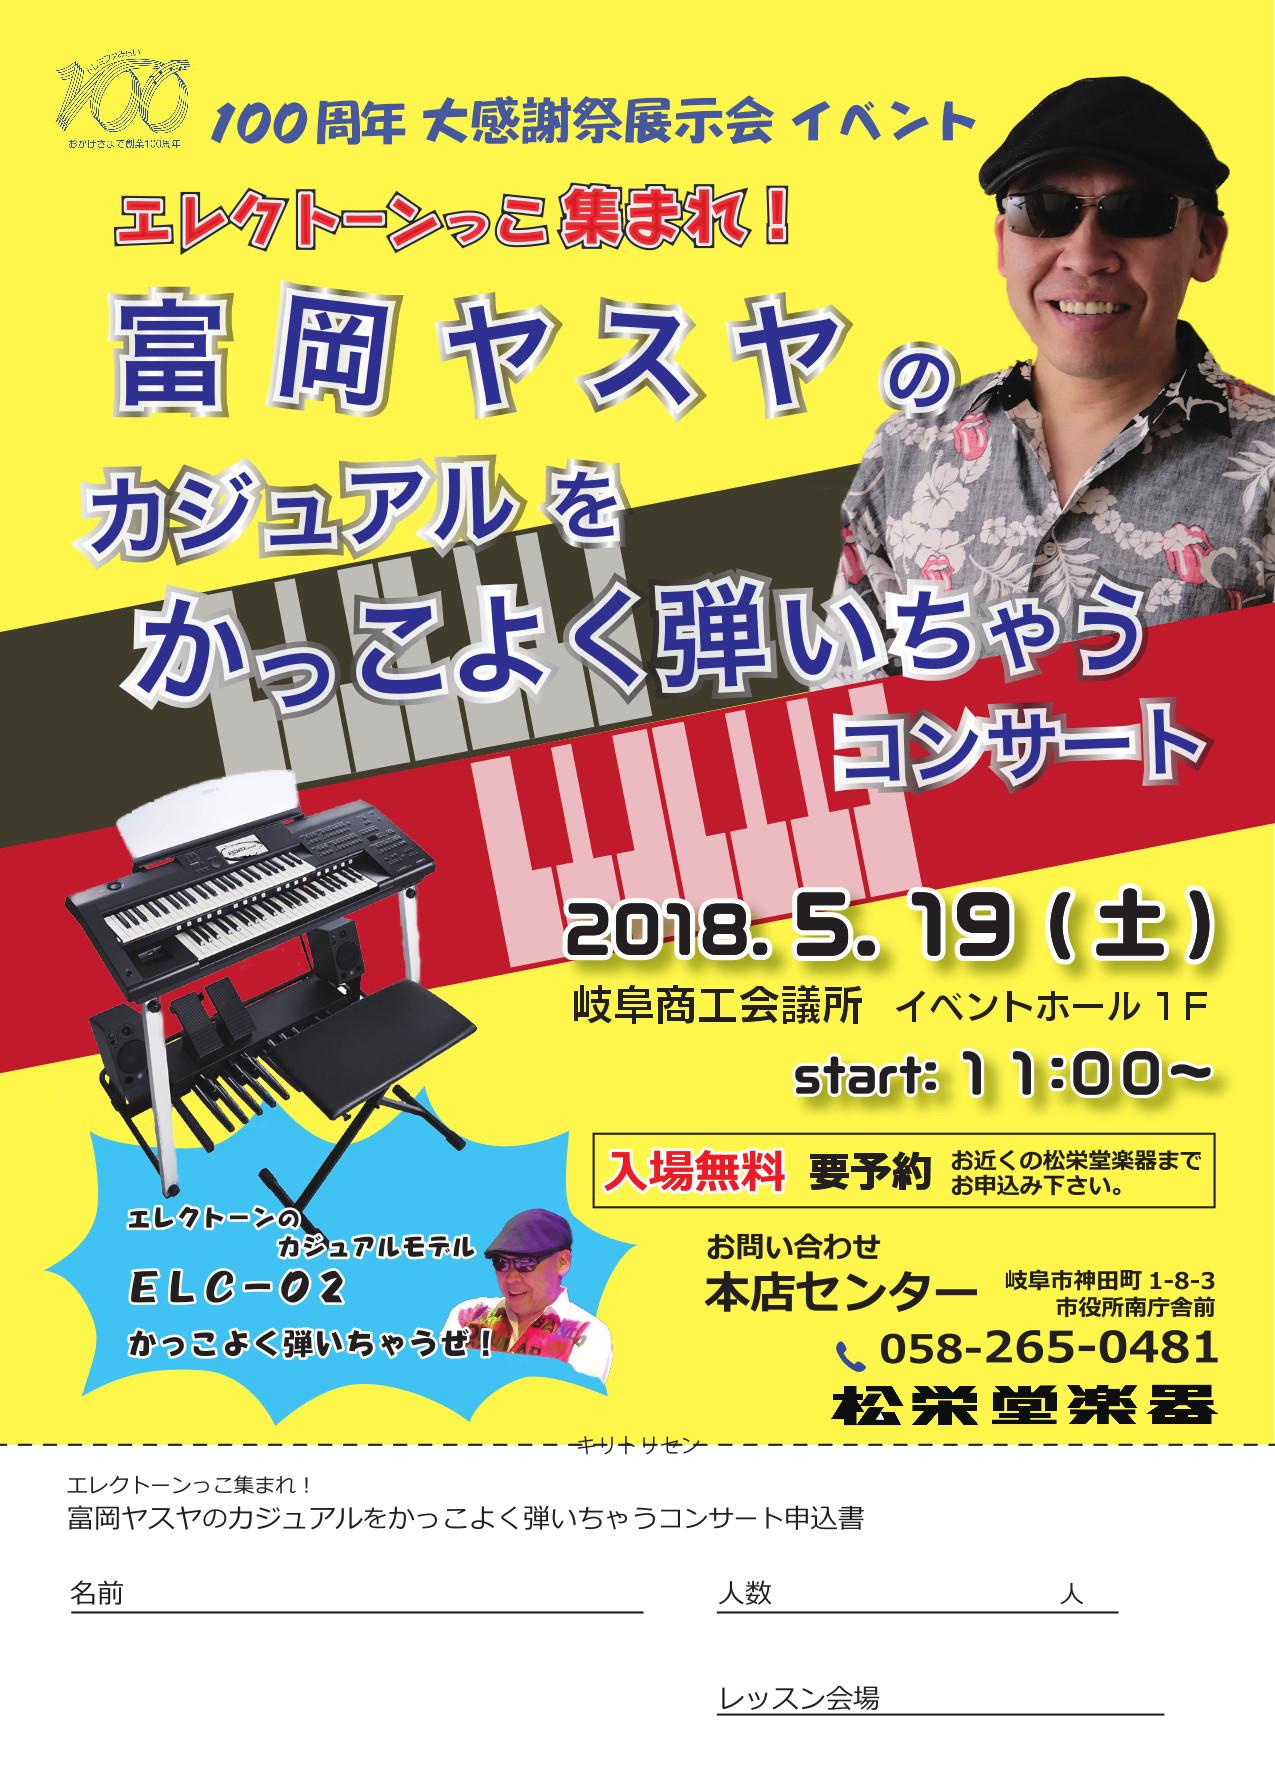 富岡ヤスヤかっこよく弾いちゃうコンサート